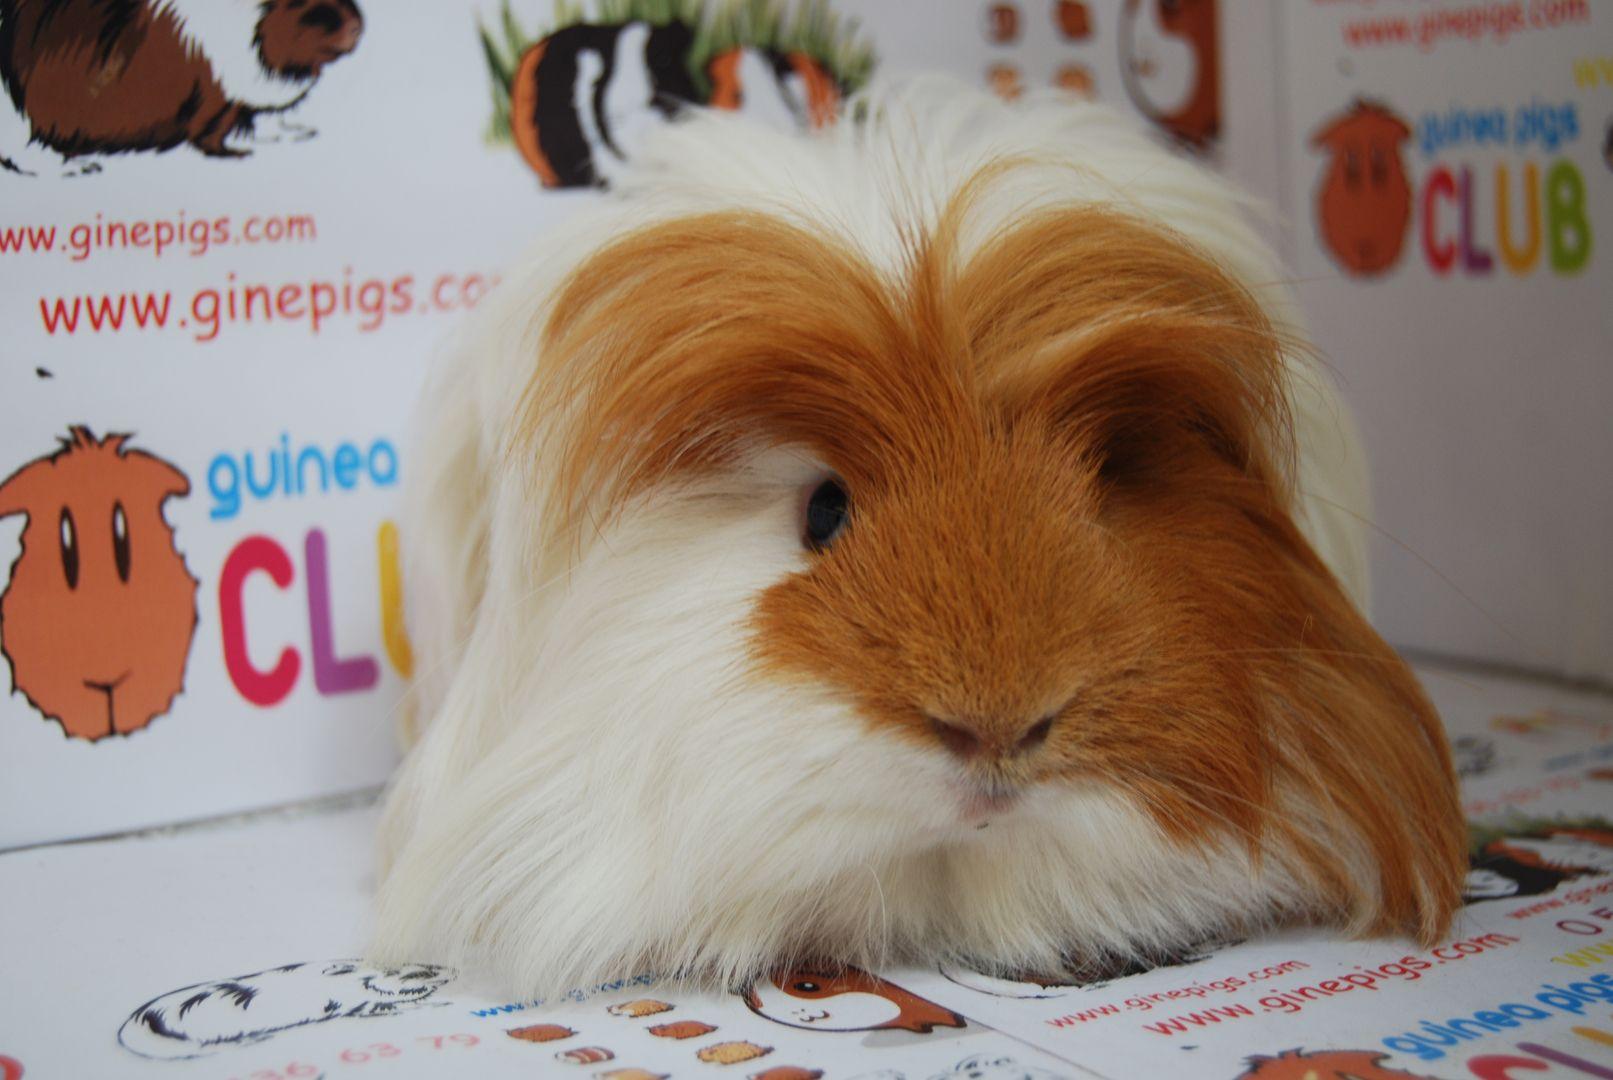 medium resolution of guinea pig sahiplenme ginepig sahiplenme ginepig fiyat